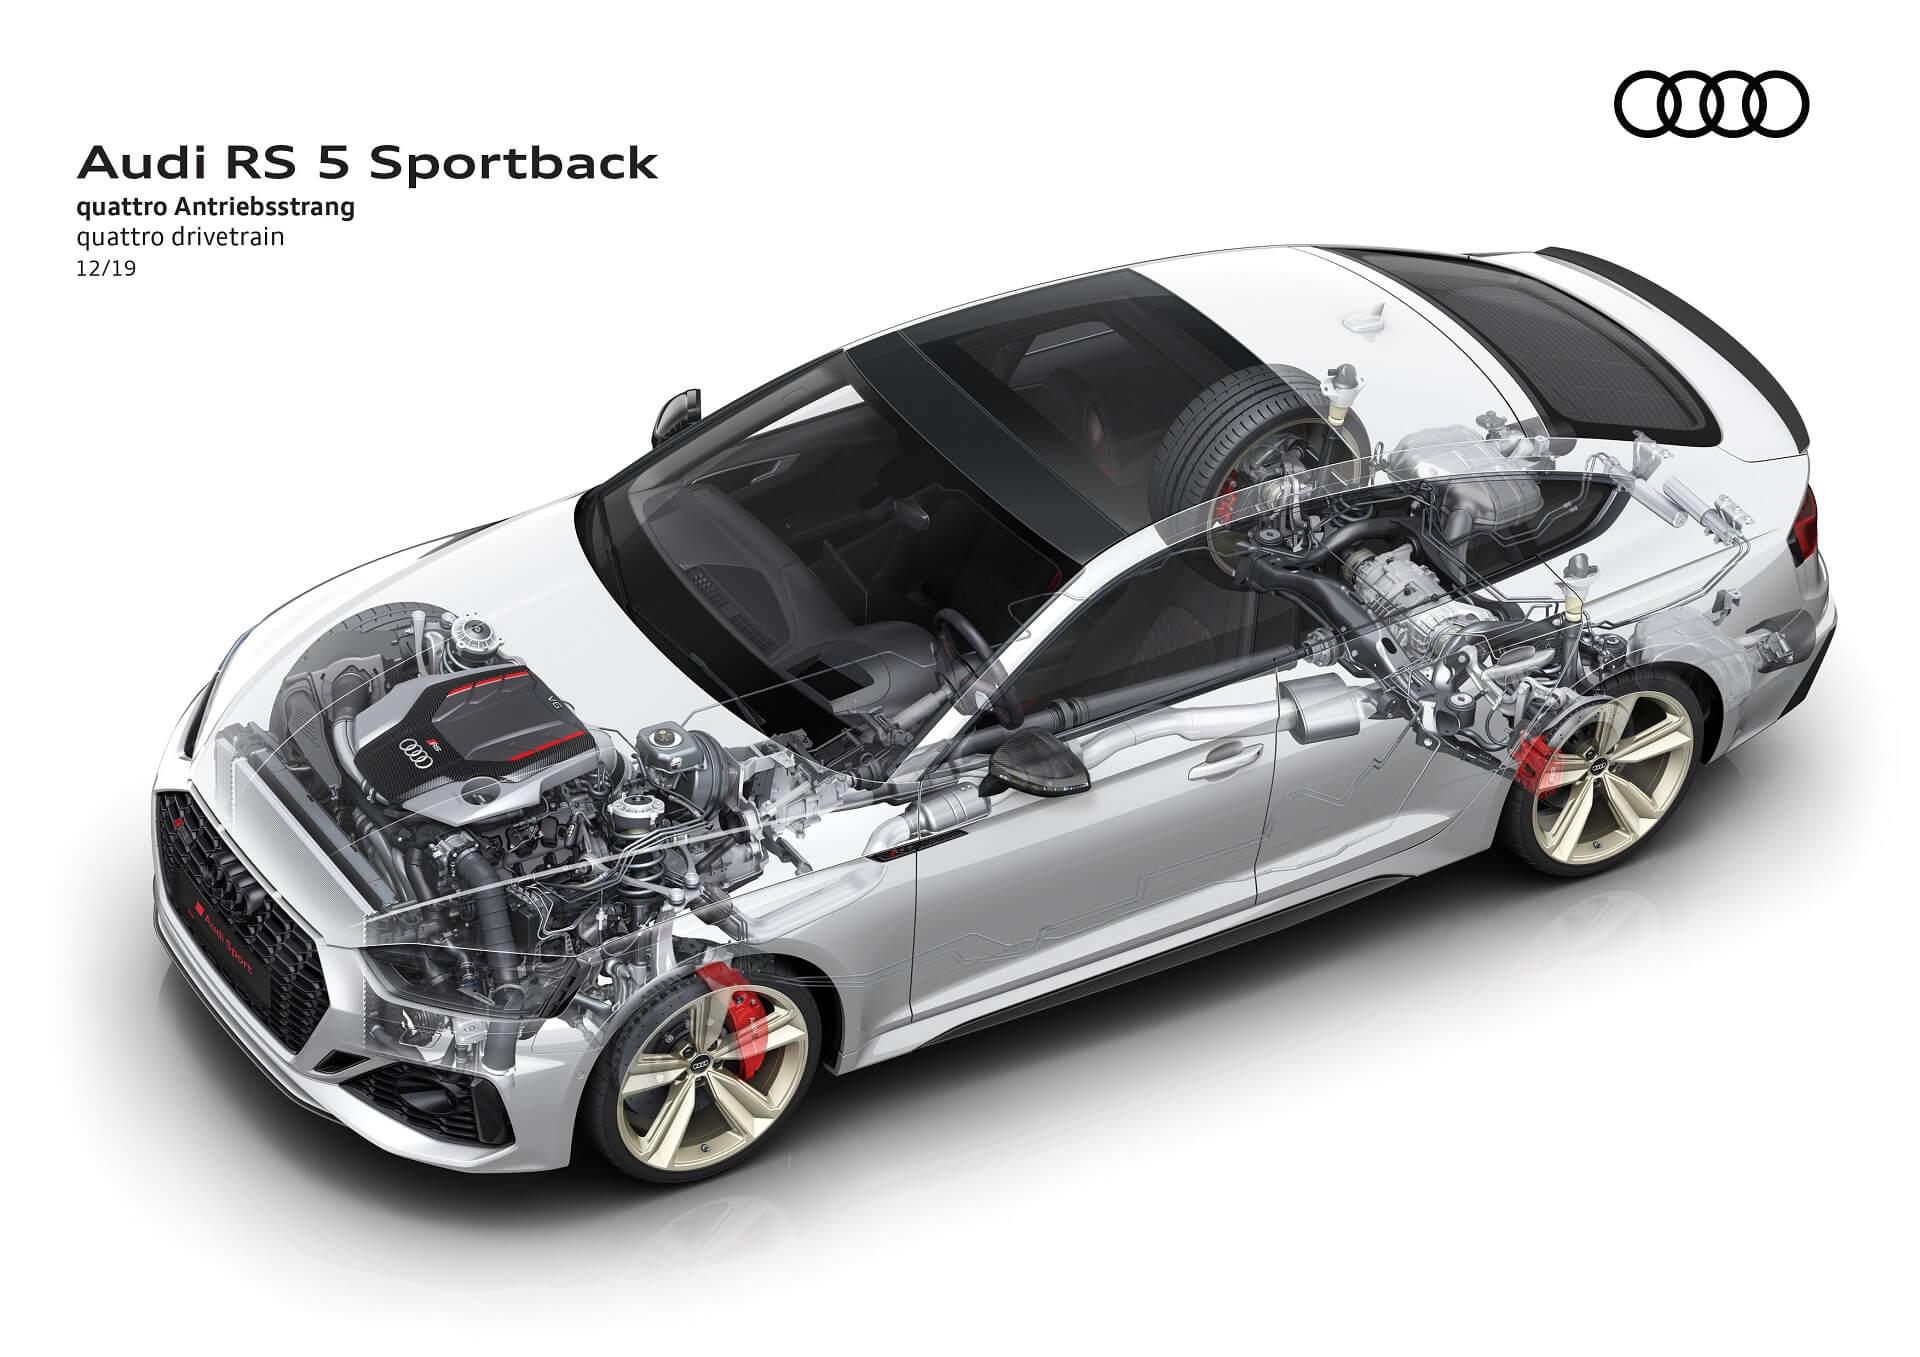 Νέο Audi RS 5 - Τετρακίνηση quattro